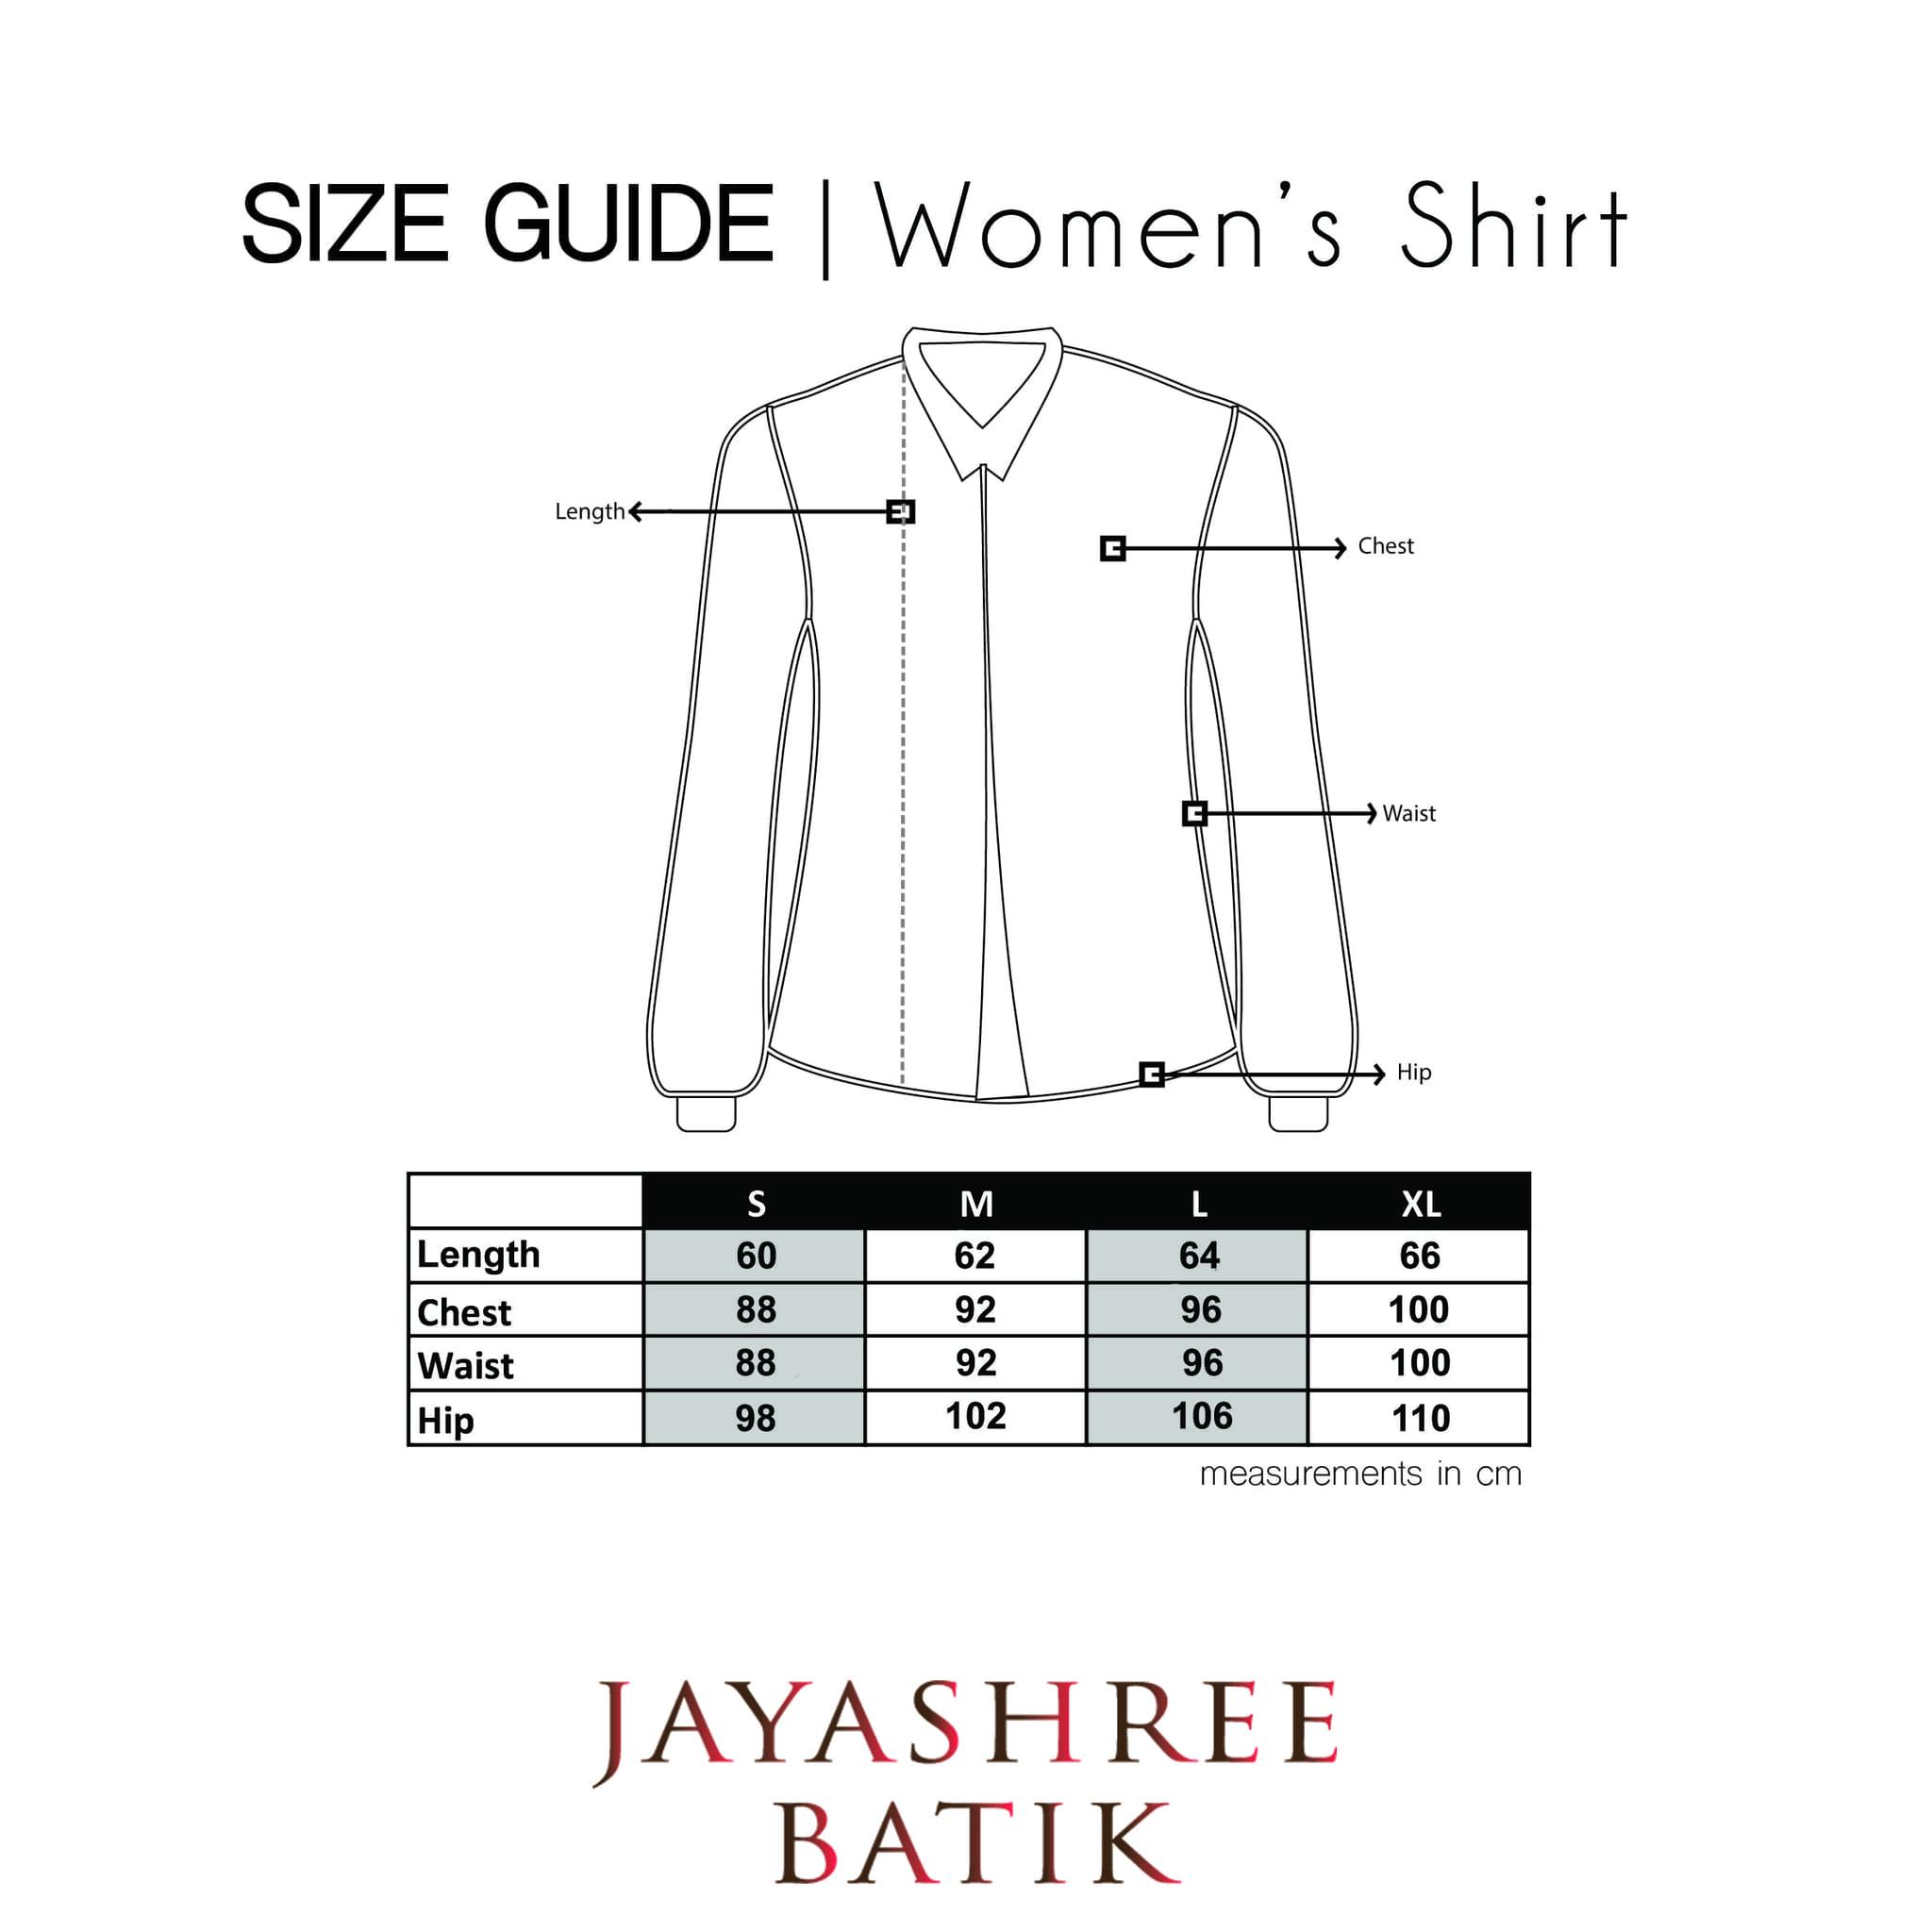 Jayashree Batik Kemeja Kama Black Slimfit Short Sleeve Pria Update Rafa Hitam S Blouse Davendra Khaki Red Shortsleeve Wanita Blanjacom